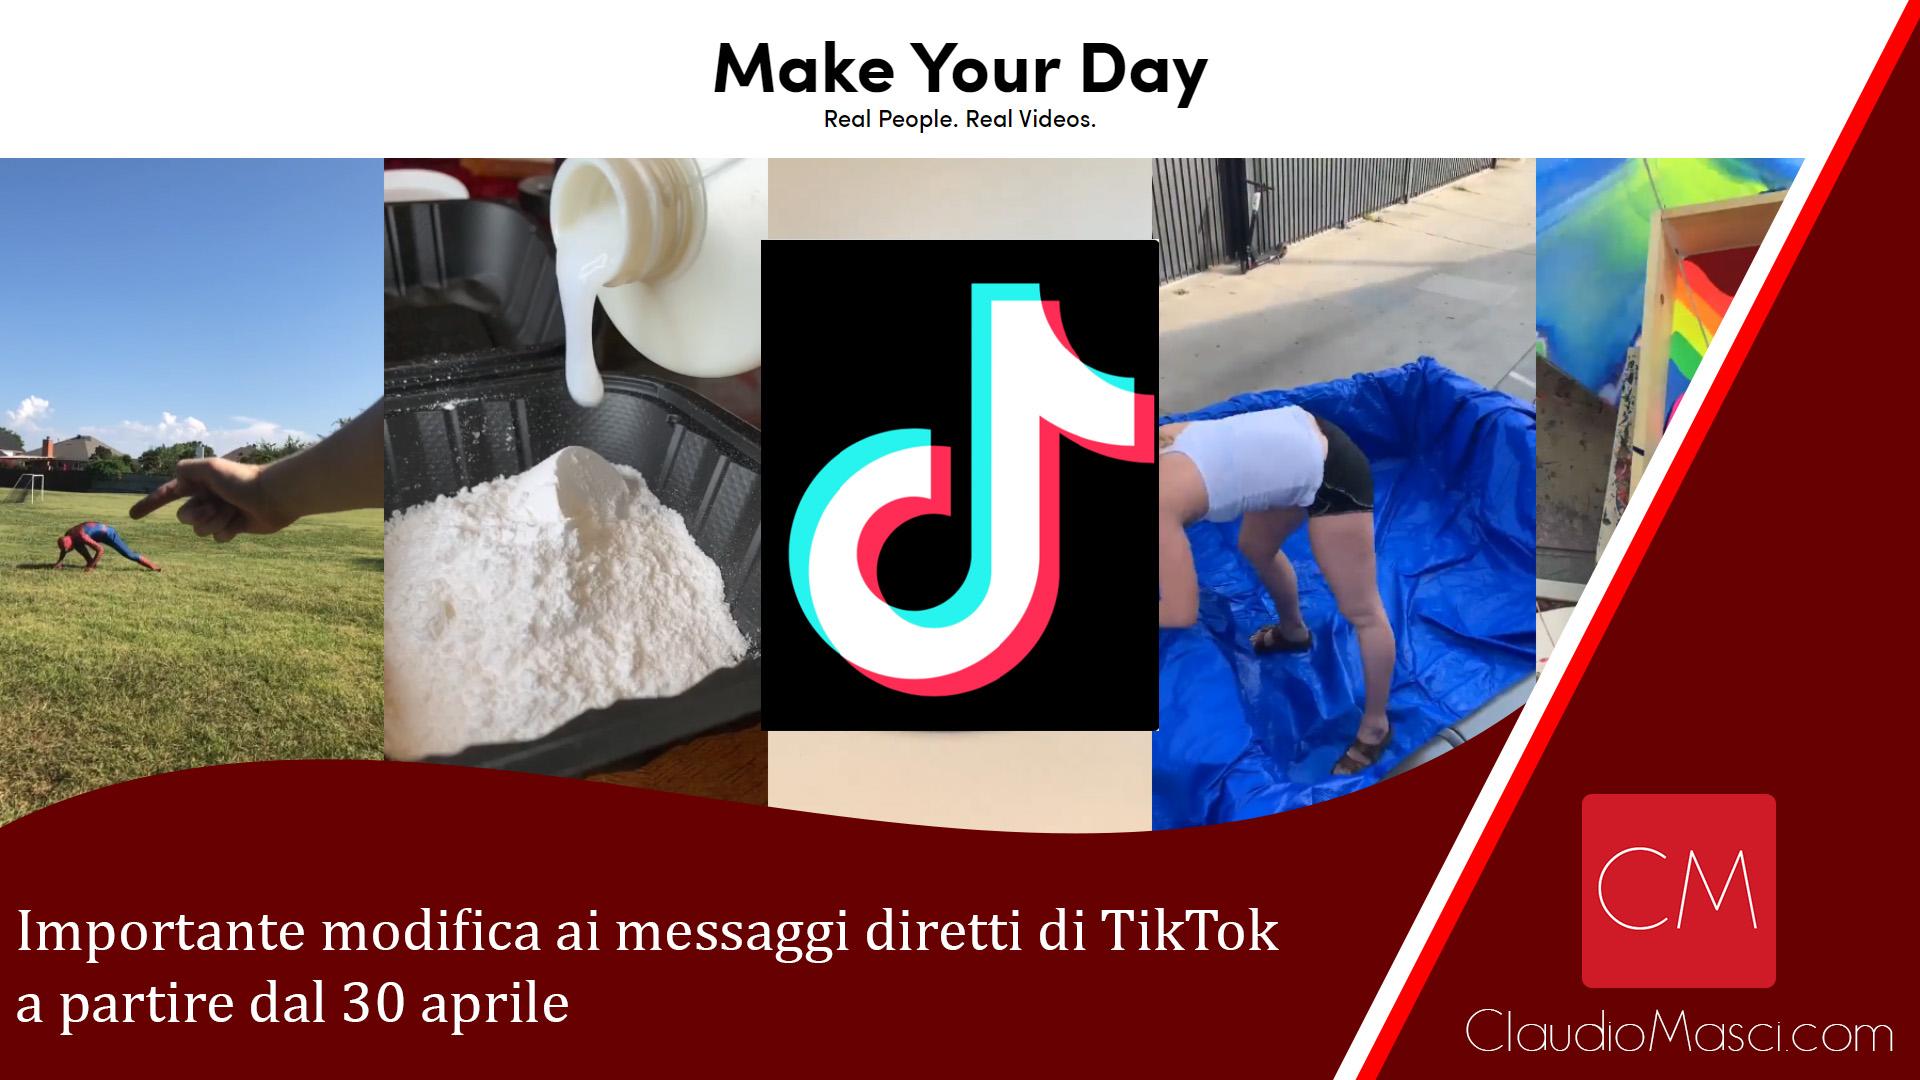 Importante modifica ai messaggi diretti di TikTok dal 30 aprile